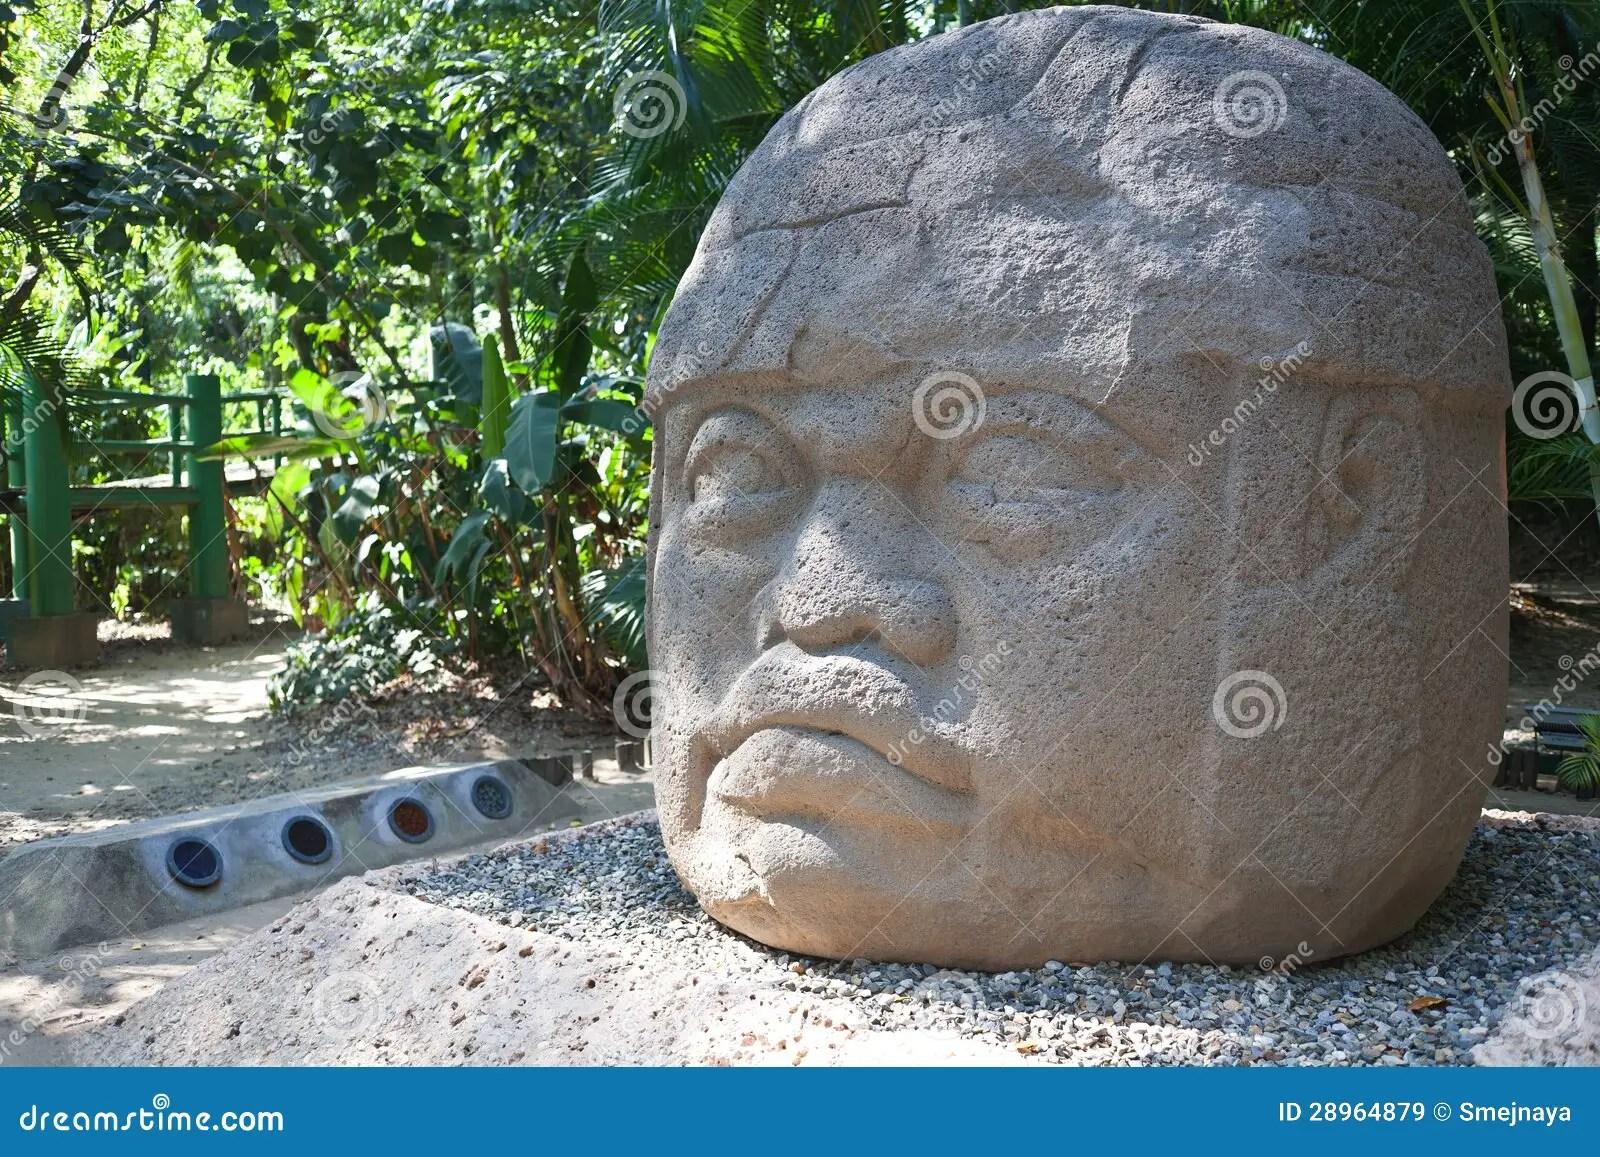 Ancient Olmec Head La Venta Royalty Free Stock Images Image 28964879